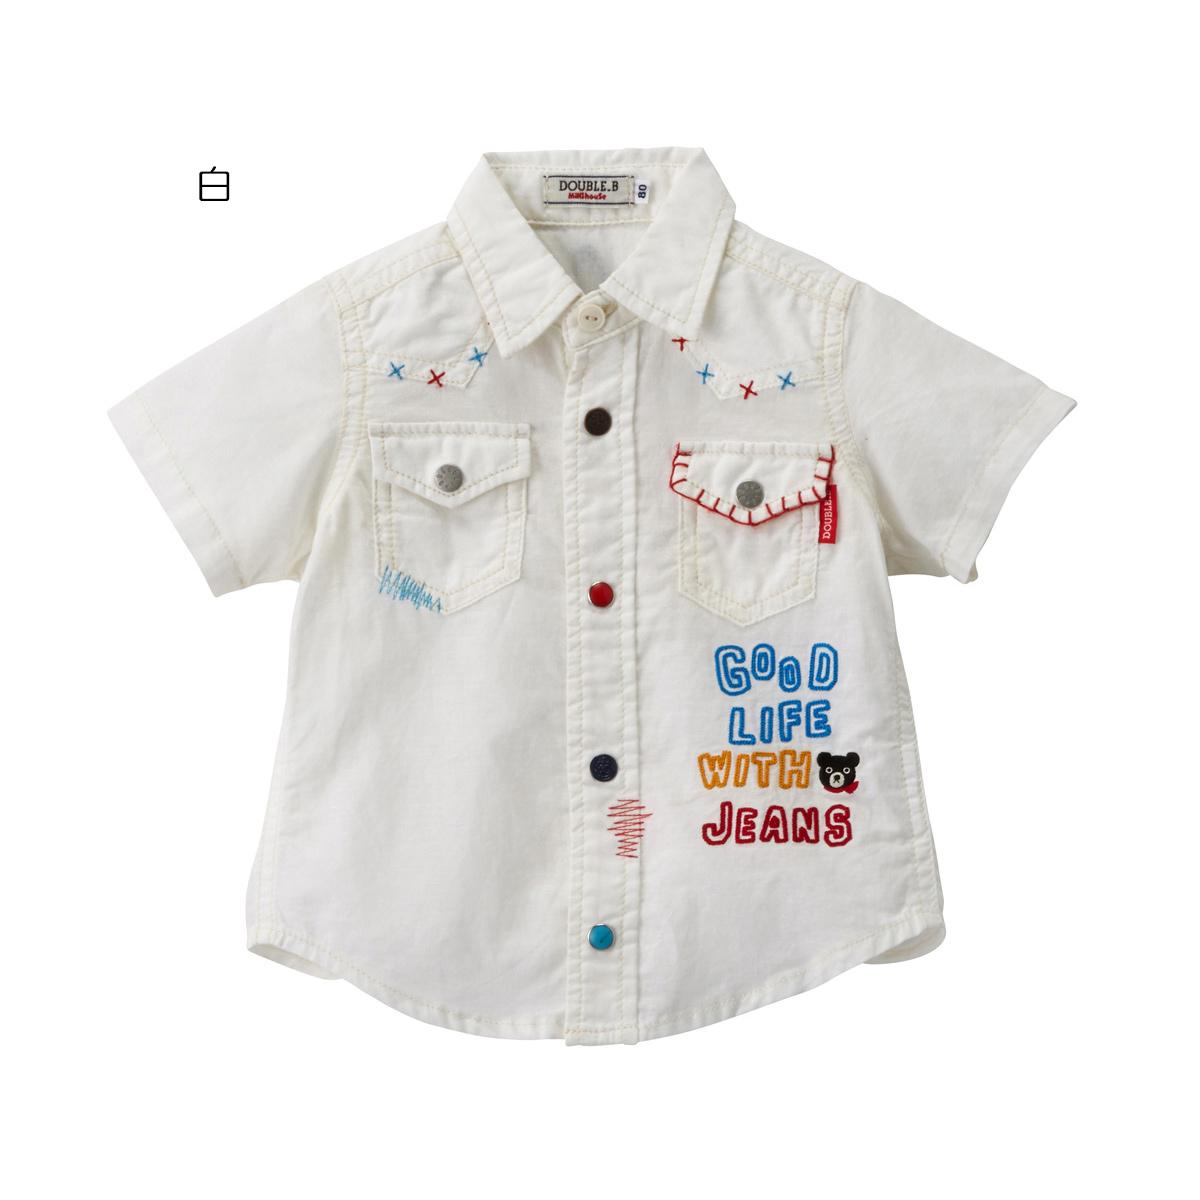 ミキハウス ダブルビー mikihouse ウエスタン風半袖シャツ(120cm・130cm)